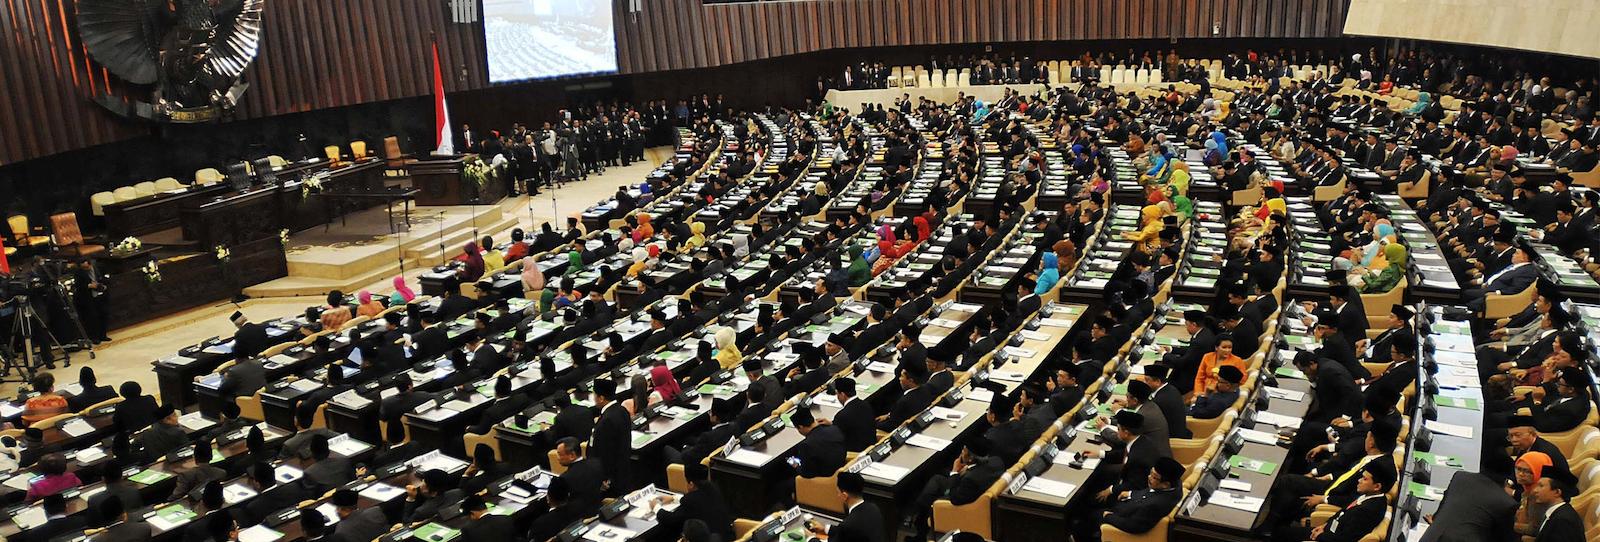 Indonesian Parliament, Jakarta (Photo: Jefri Tarigan via Getty)